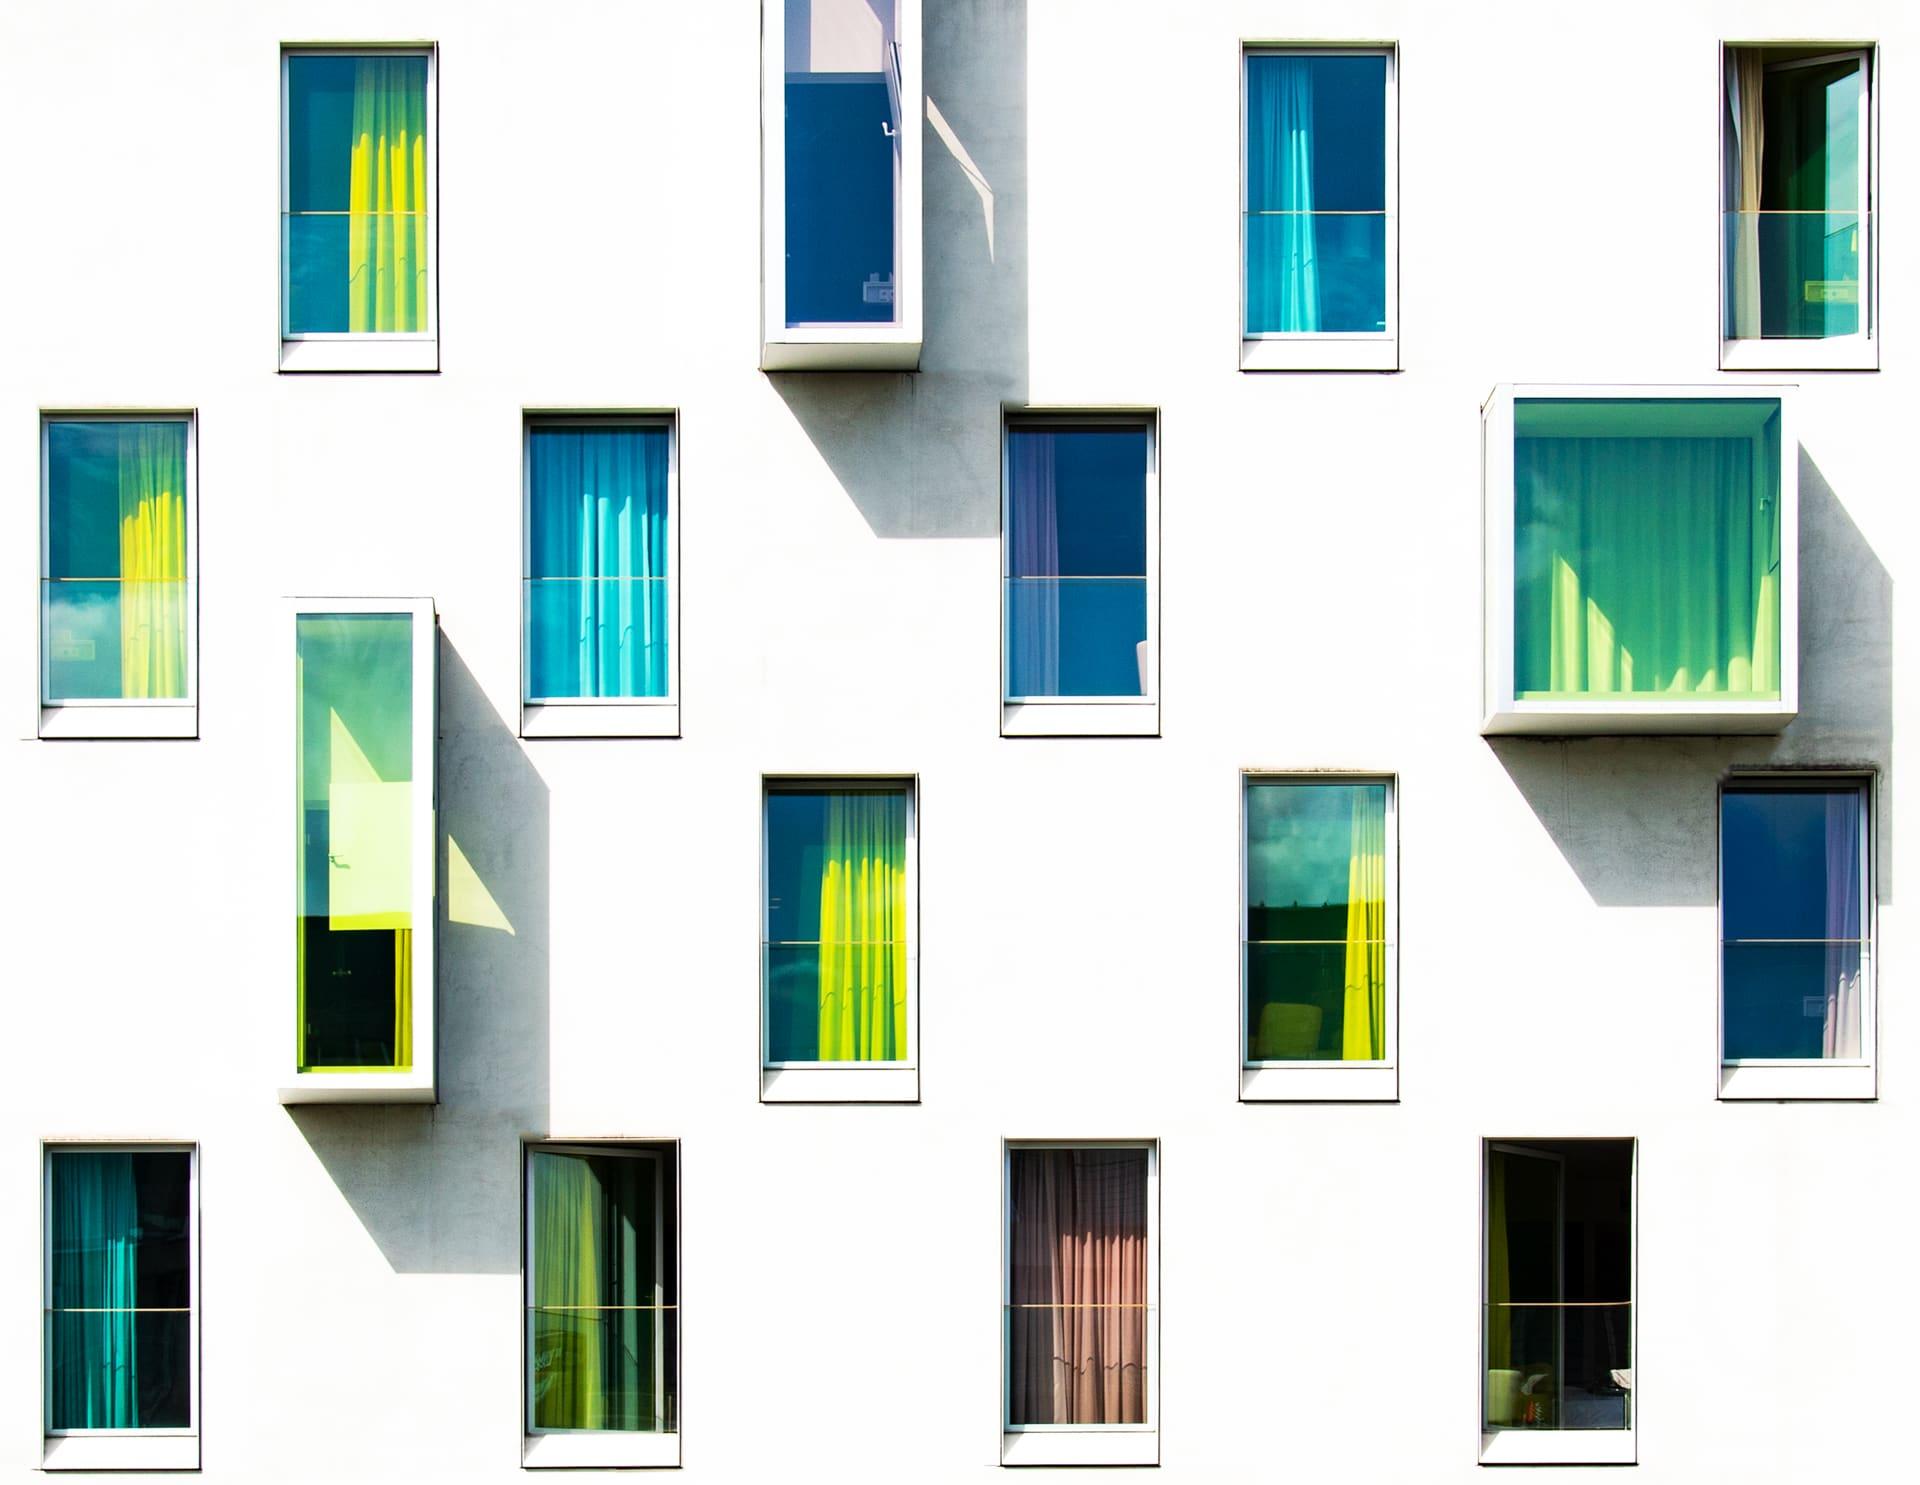 2019-08-11-Köln_05-Fenster